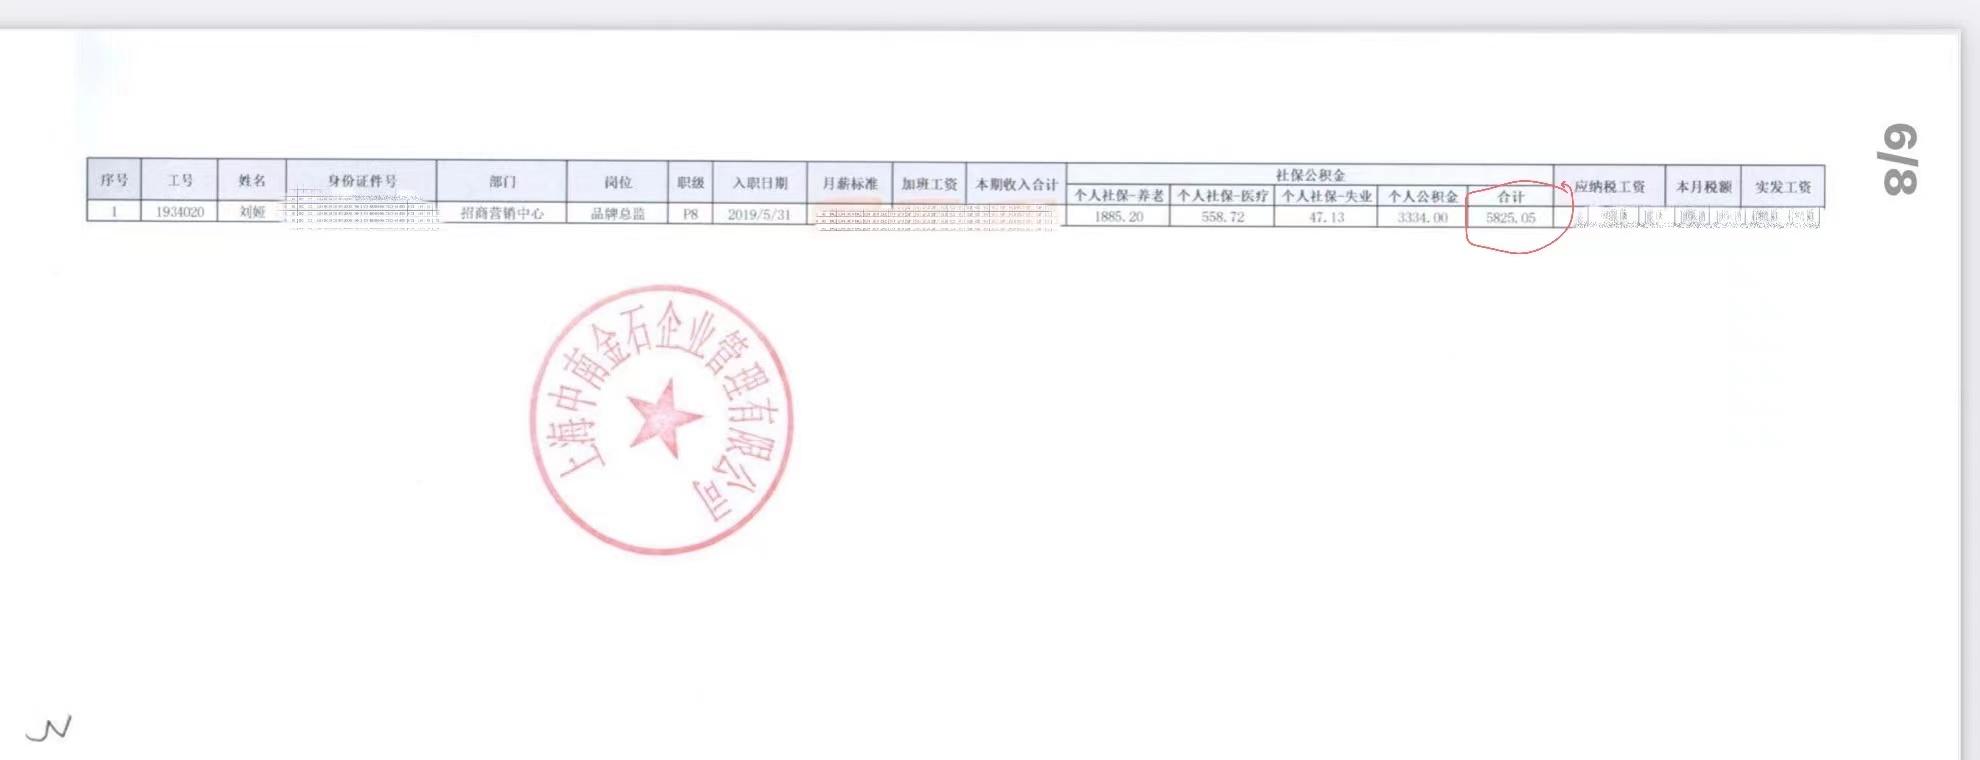 属实!中南高科长期欠缴员工社保上海黄浦社保中心责其整改补缴